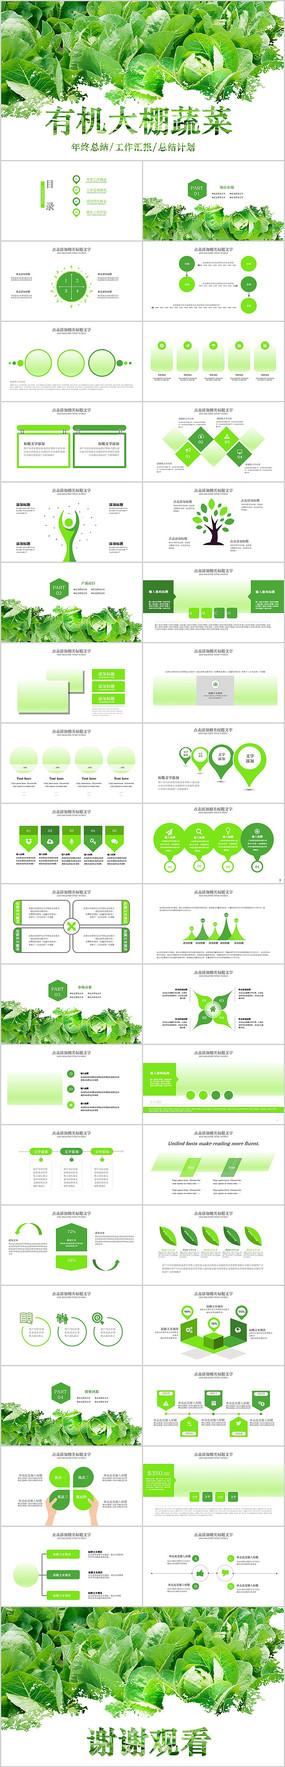 绿色唯美有机蔬菜大棚种植技术PPT模板